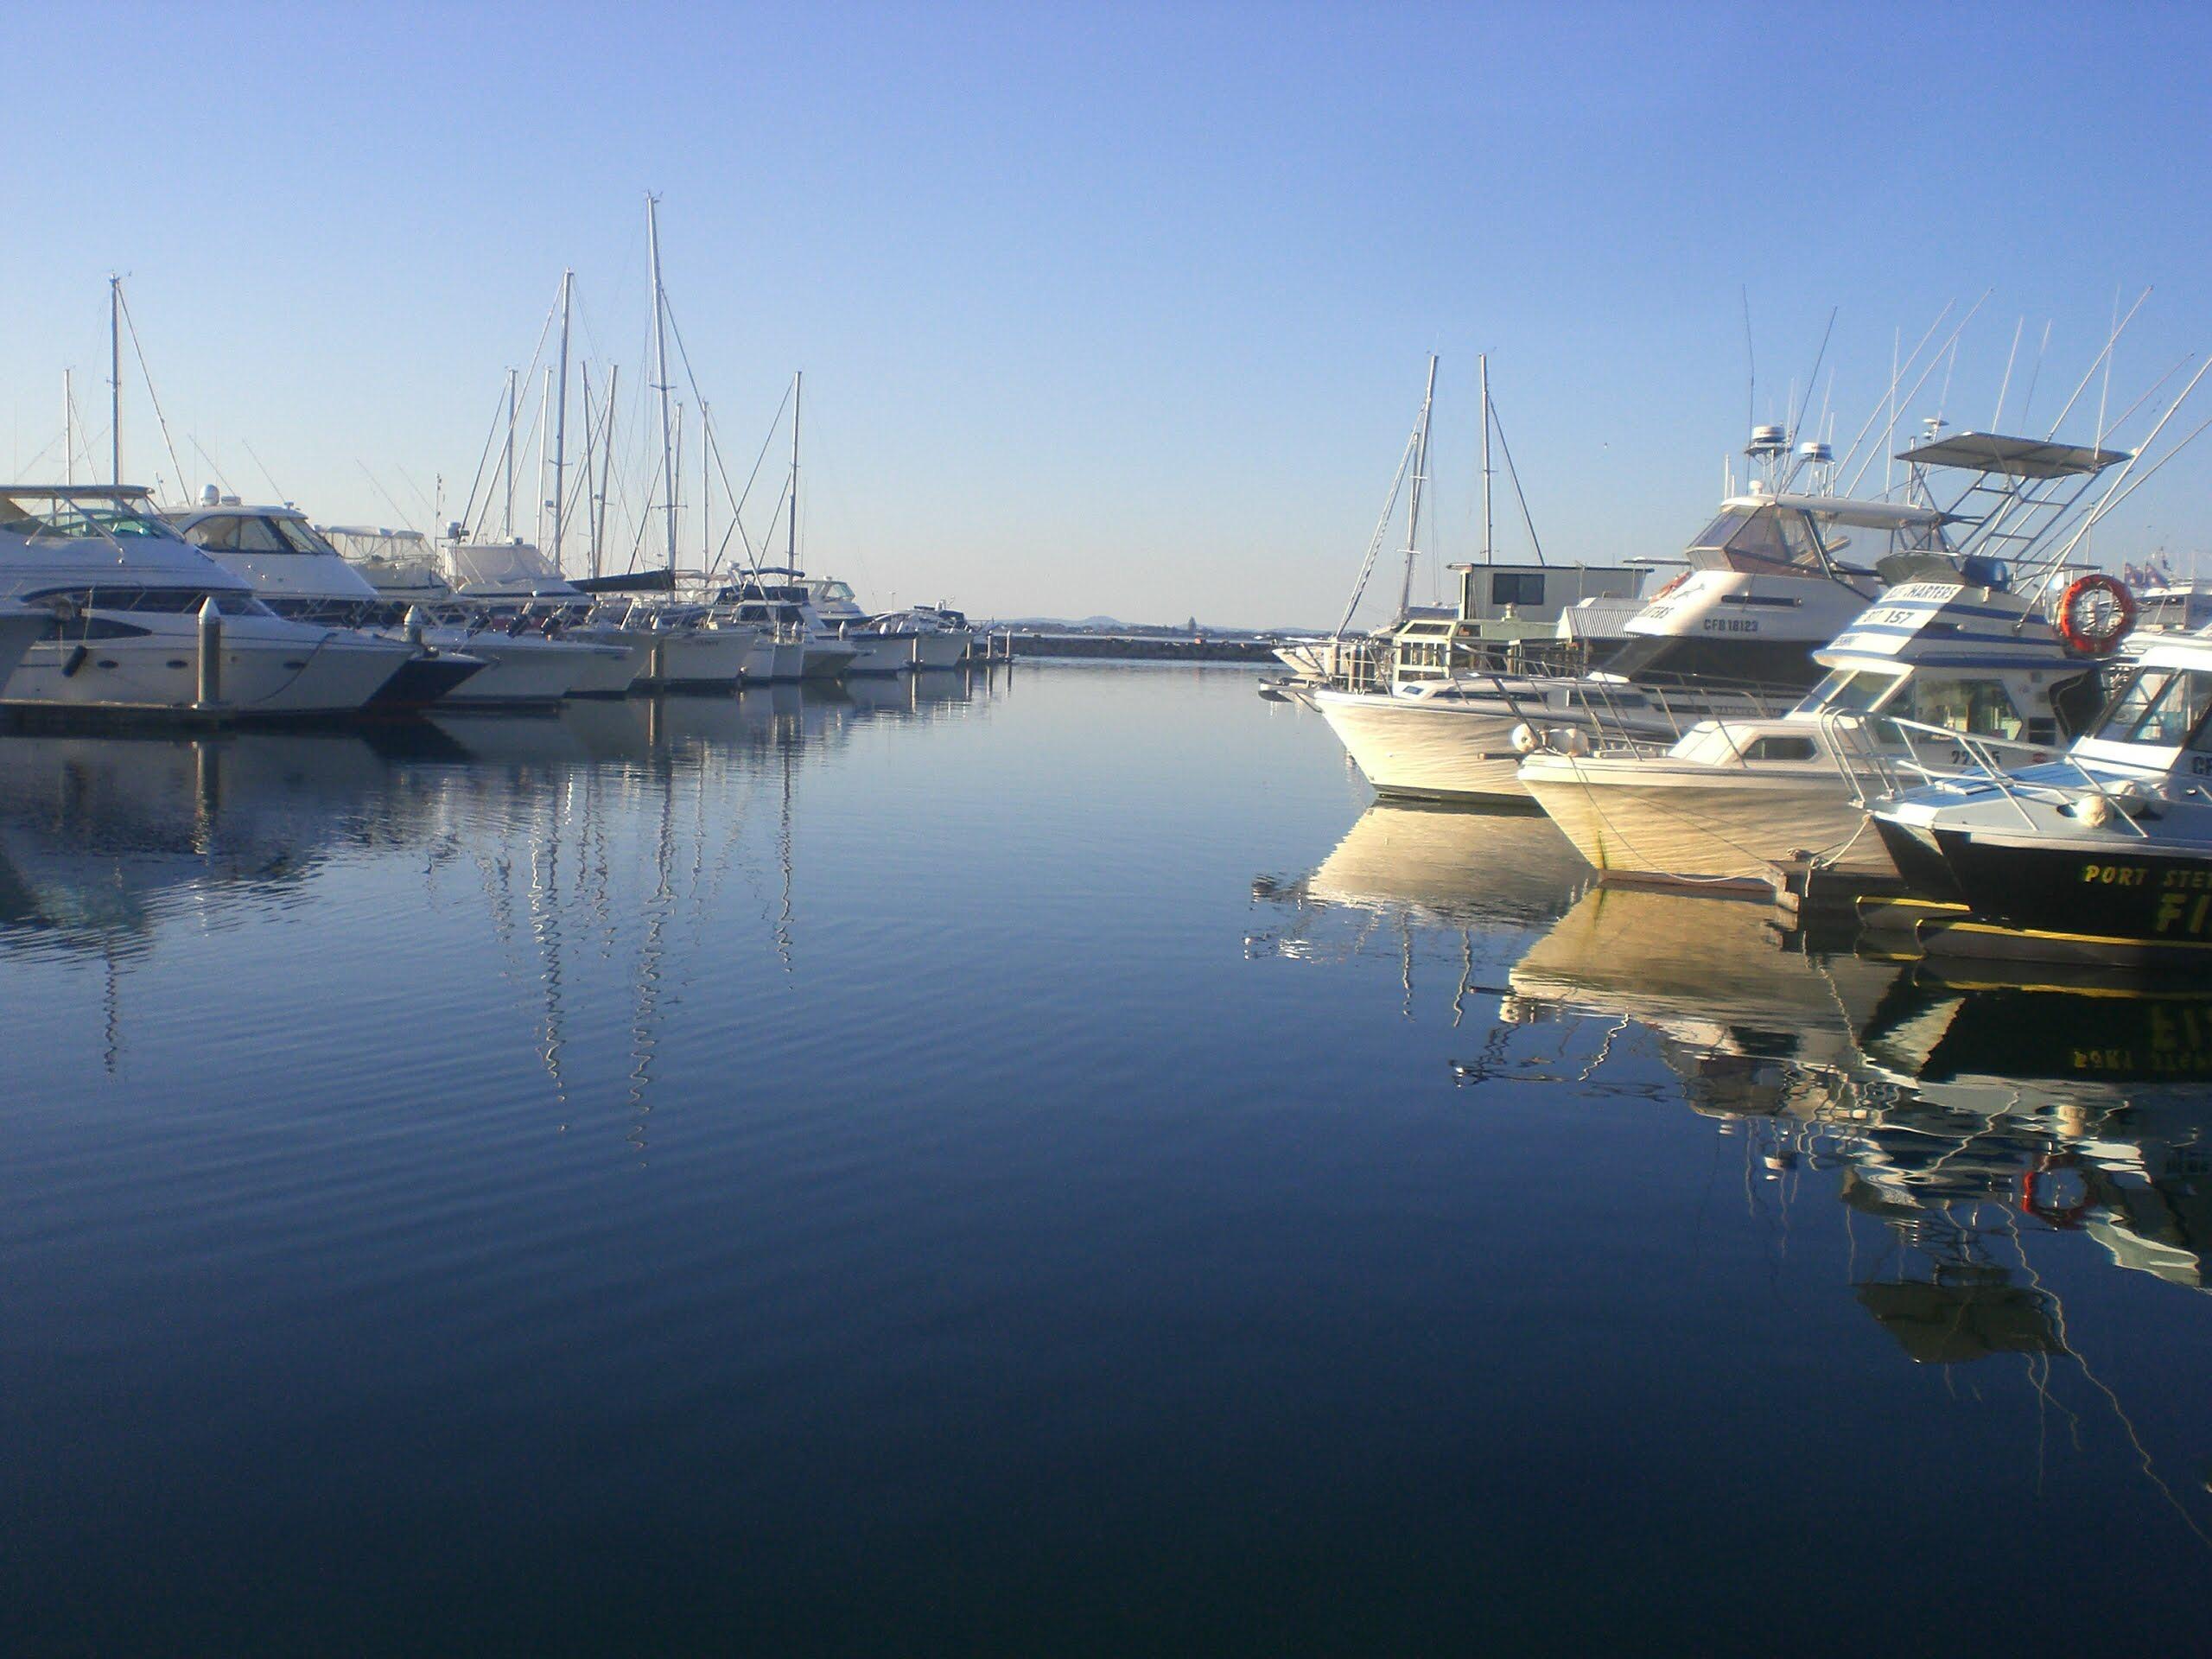 シドニーから約2時間のリゾート地 Port Stephens の観光